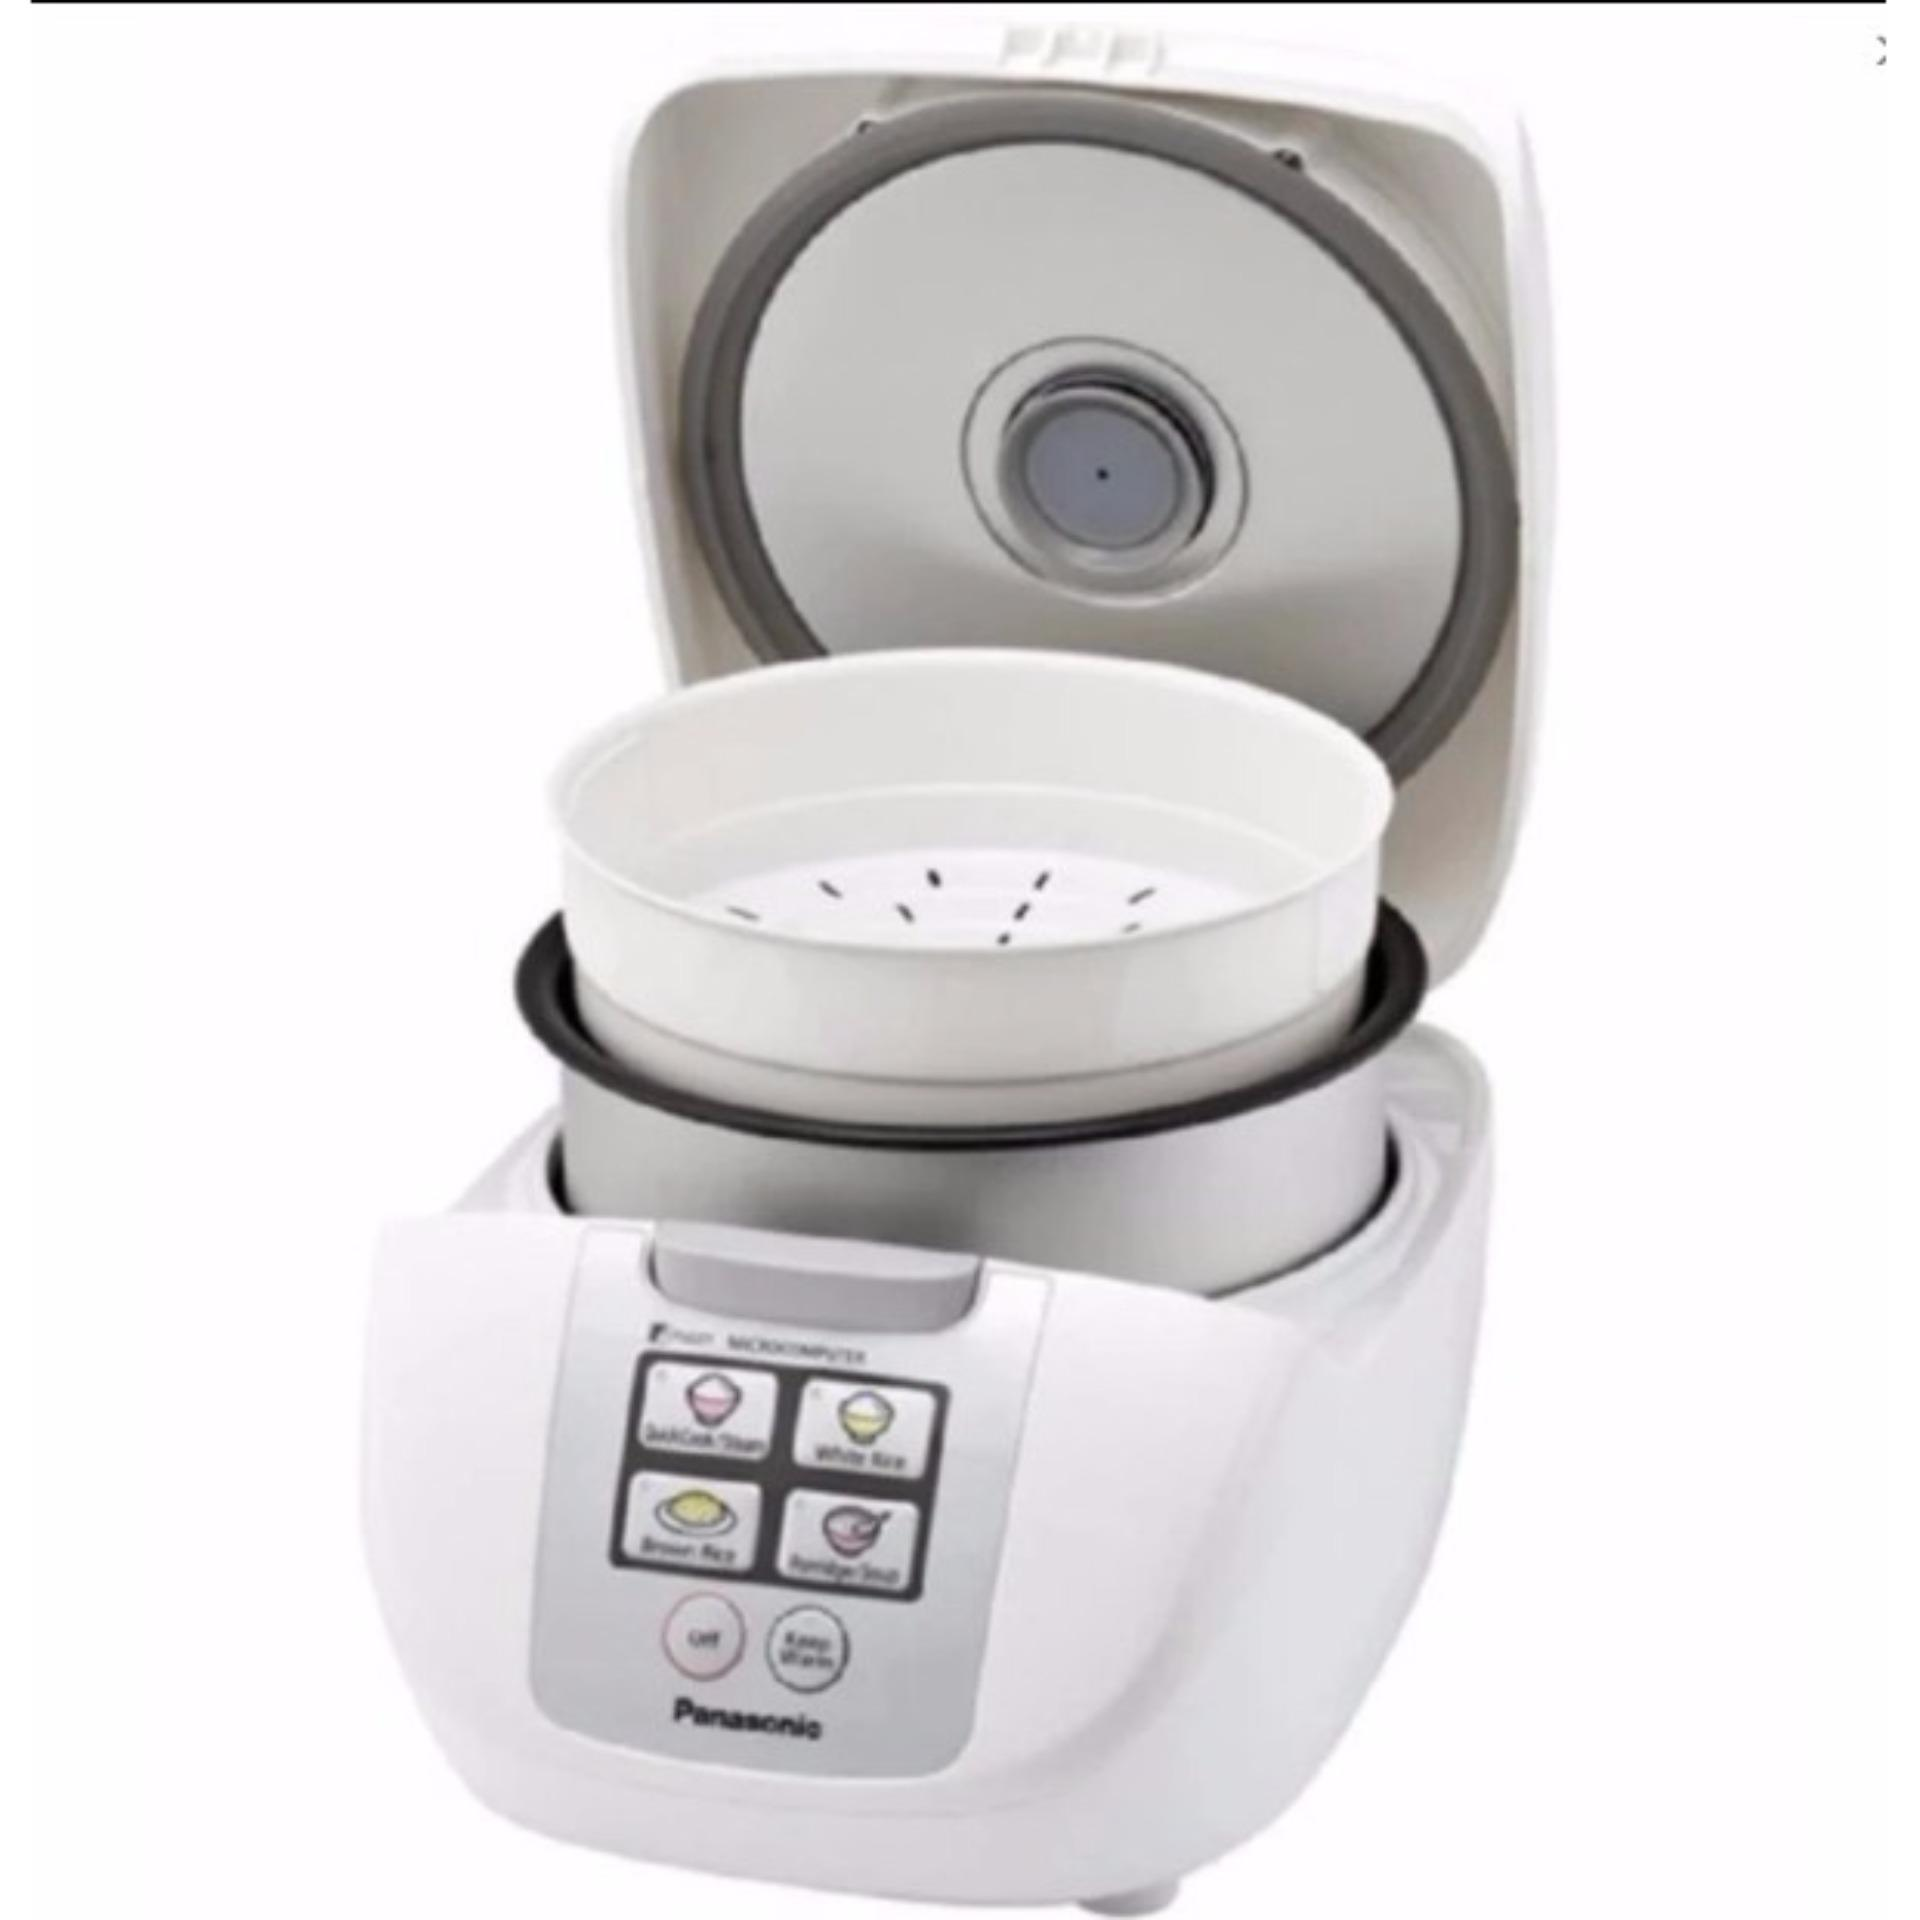 Panasonic Srdf181wsr Rice Cooker 18l Referensi Daftar Harga Sekai Penanak Nasi Cmw 518 Promo Murah Digital 18 L